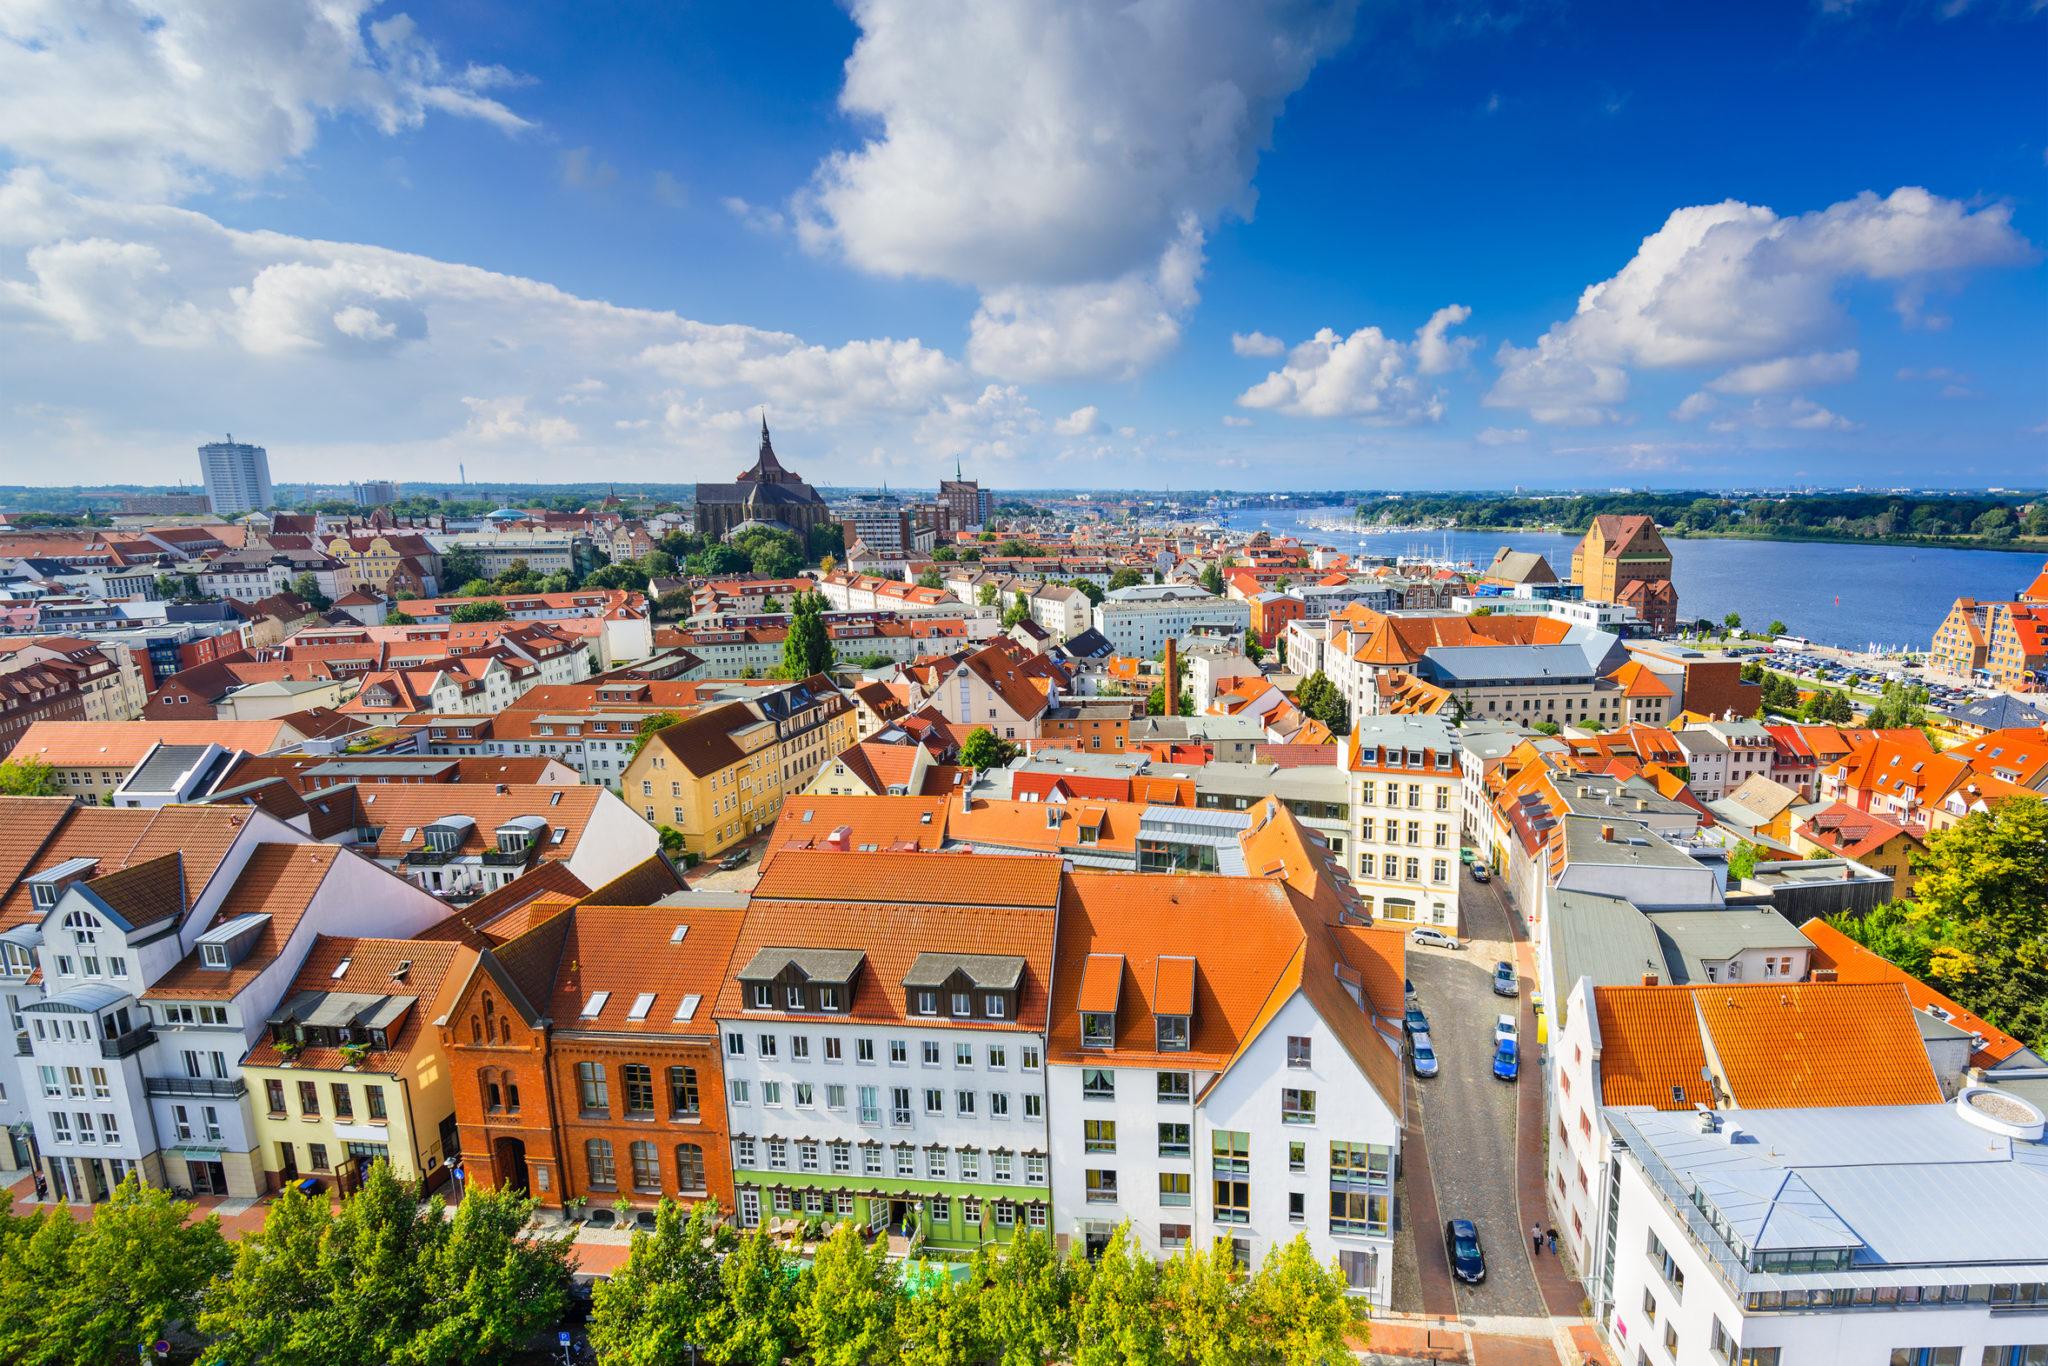 Haushaltsauflösung und Entrümpelung in Rostock